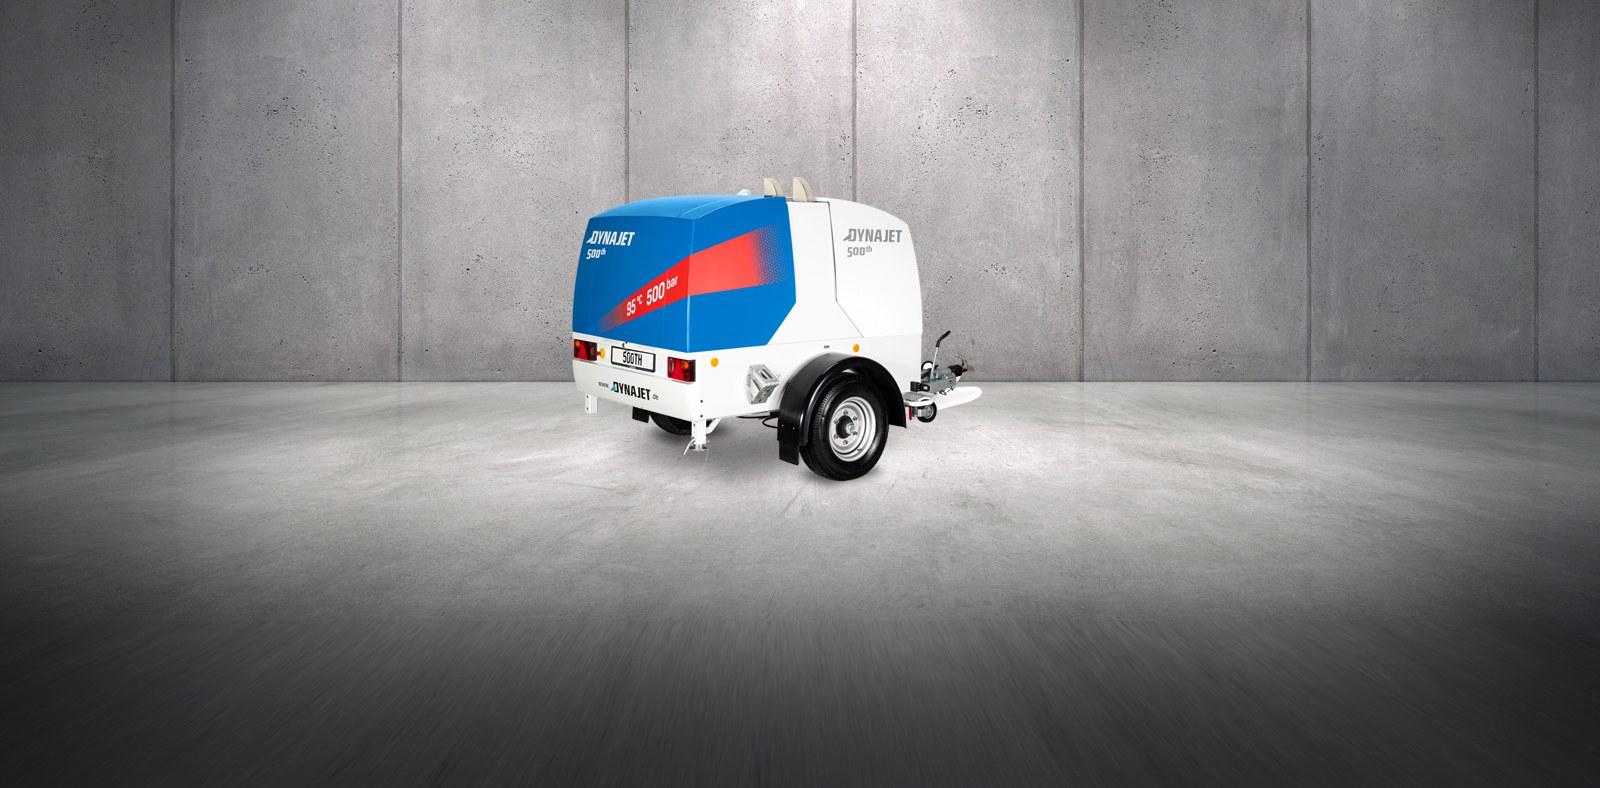 Le nouveau DYNAJET 500th Blue Performance - Nettoyeur à eau haute pression avec contrôle digital et jusqu'à 500 bar de pression de travail